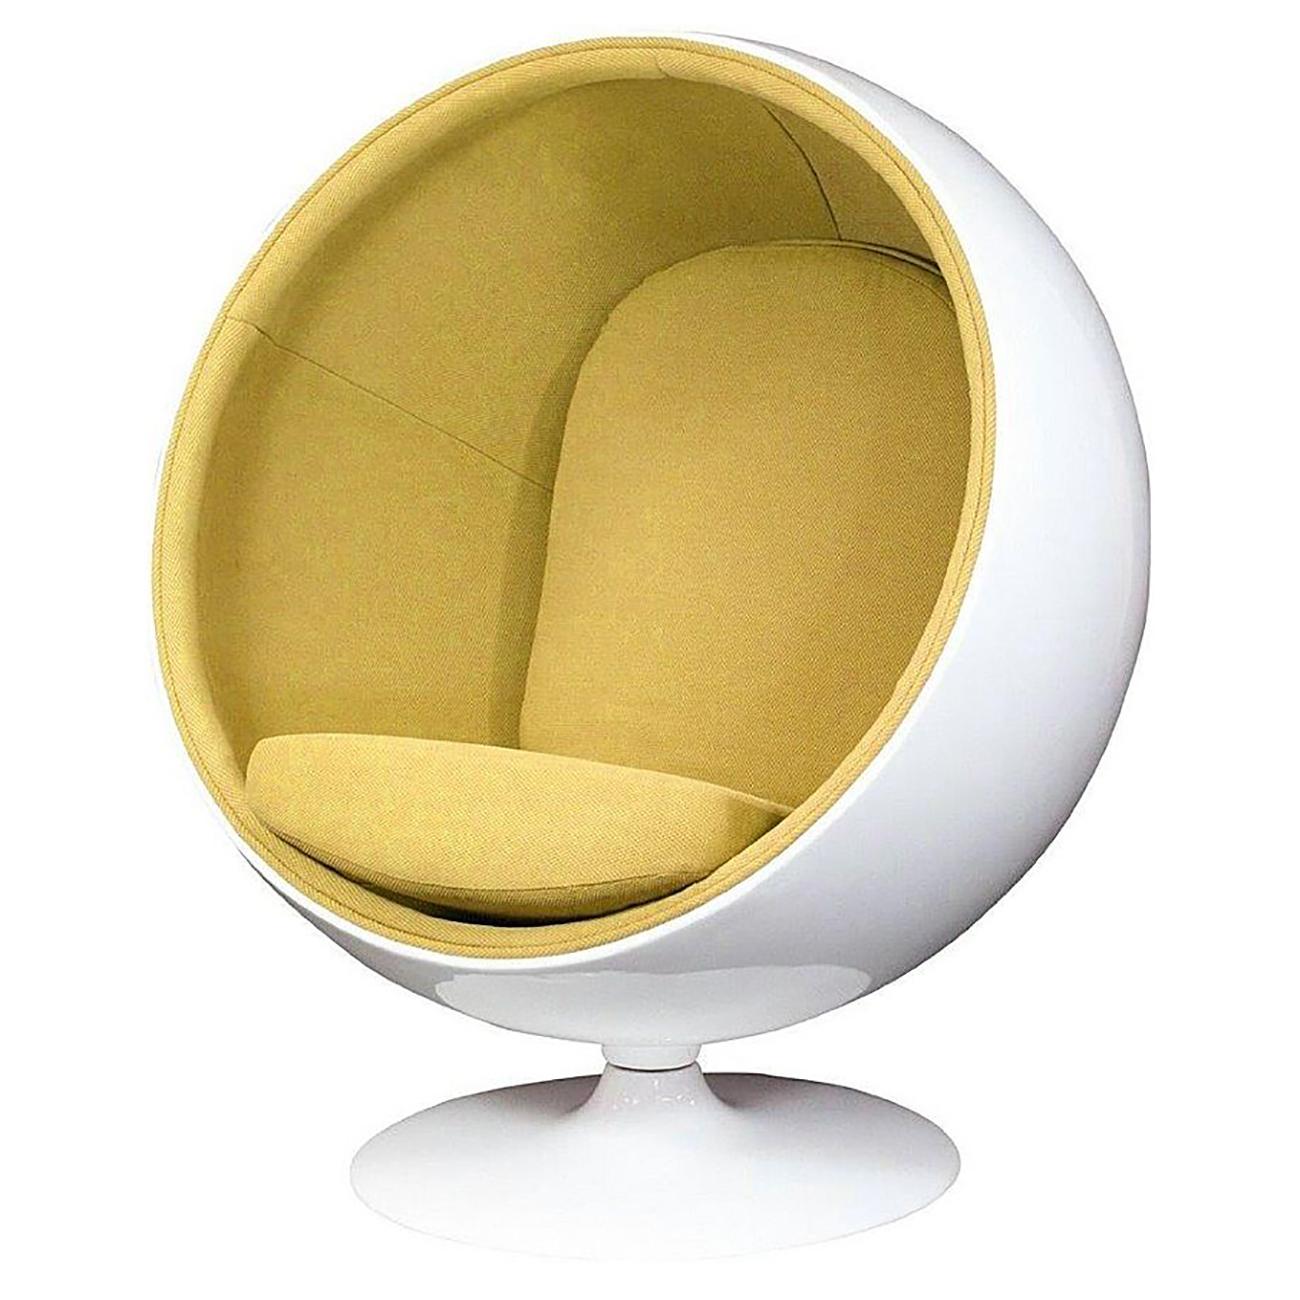 Купить Кресло Eero Ball Chair Бело-горчичное Шерсть в интернет магазине дизайнерской мебели и аксессуаров для дома и дачи